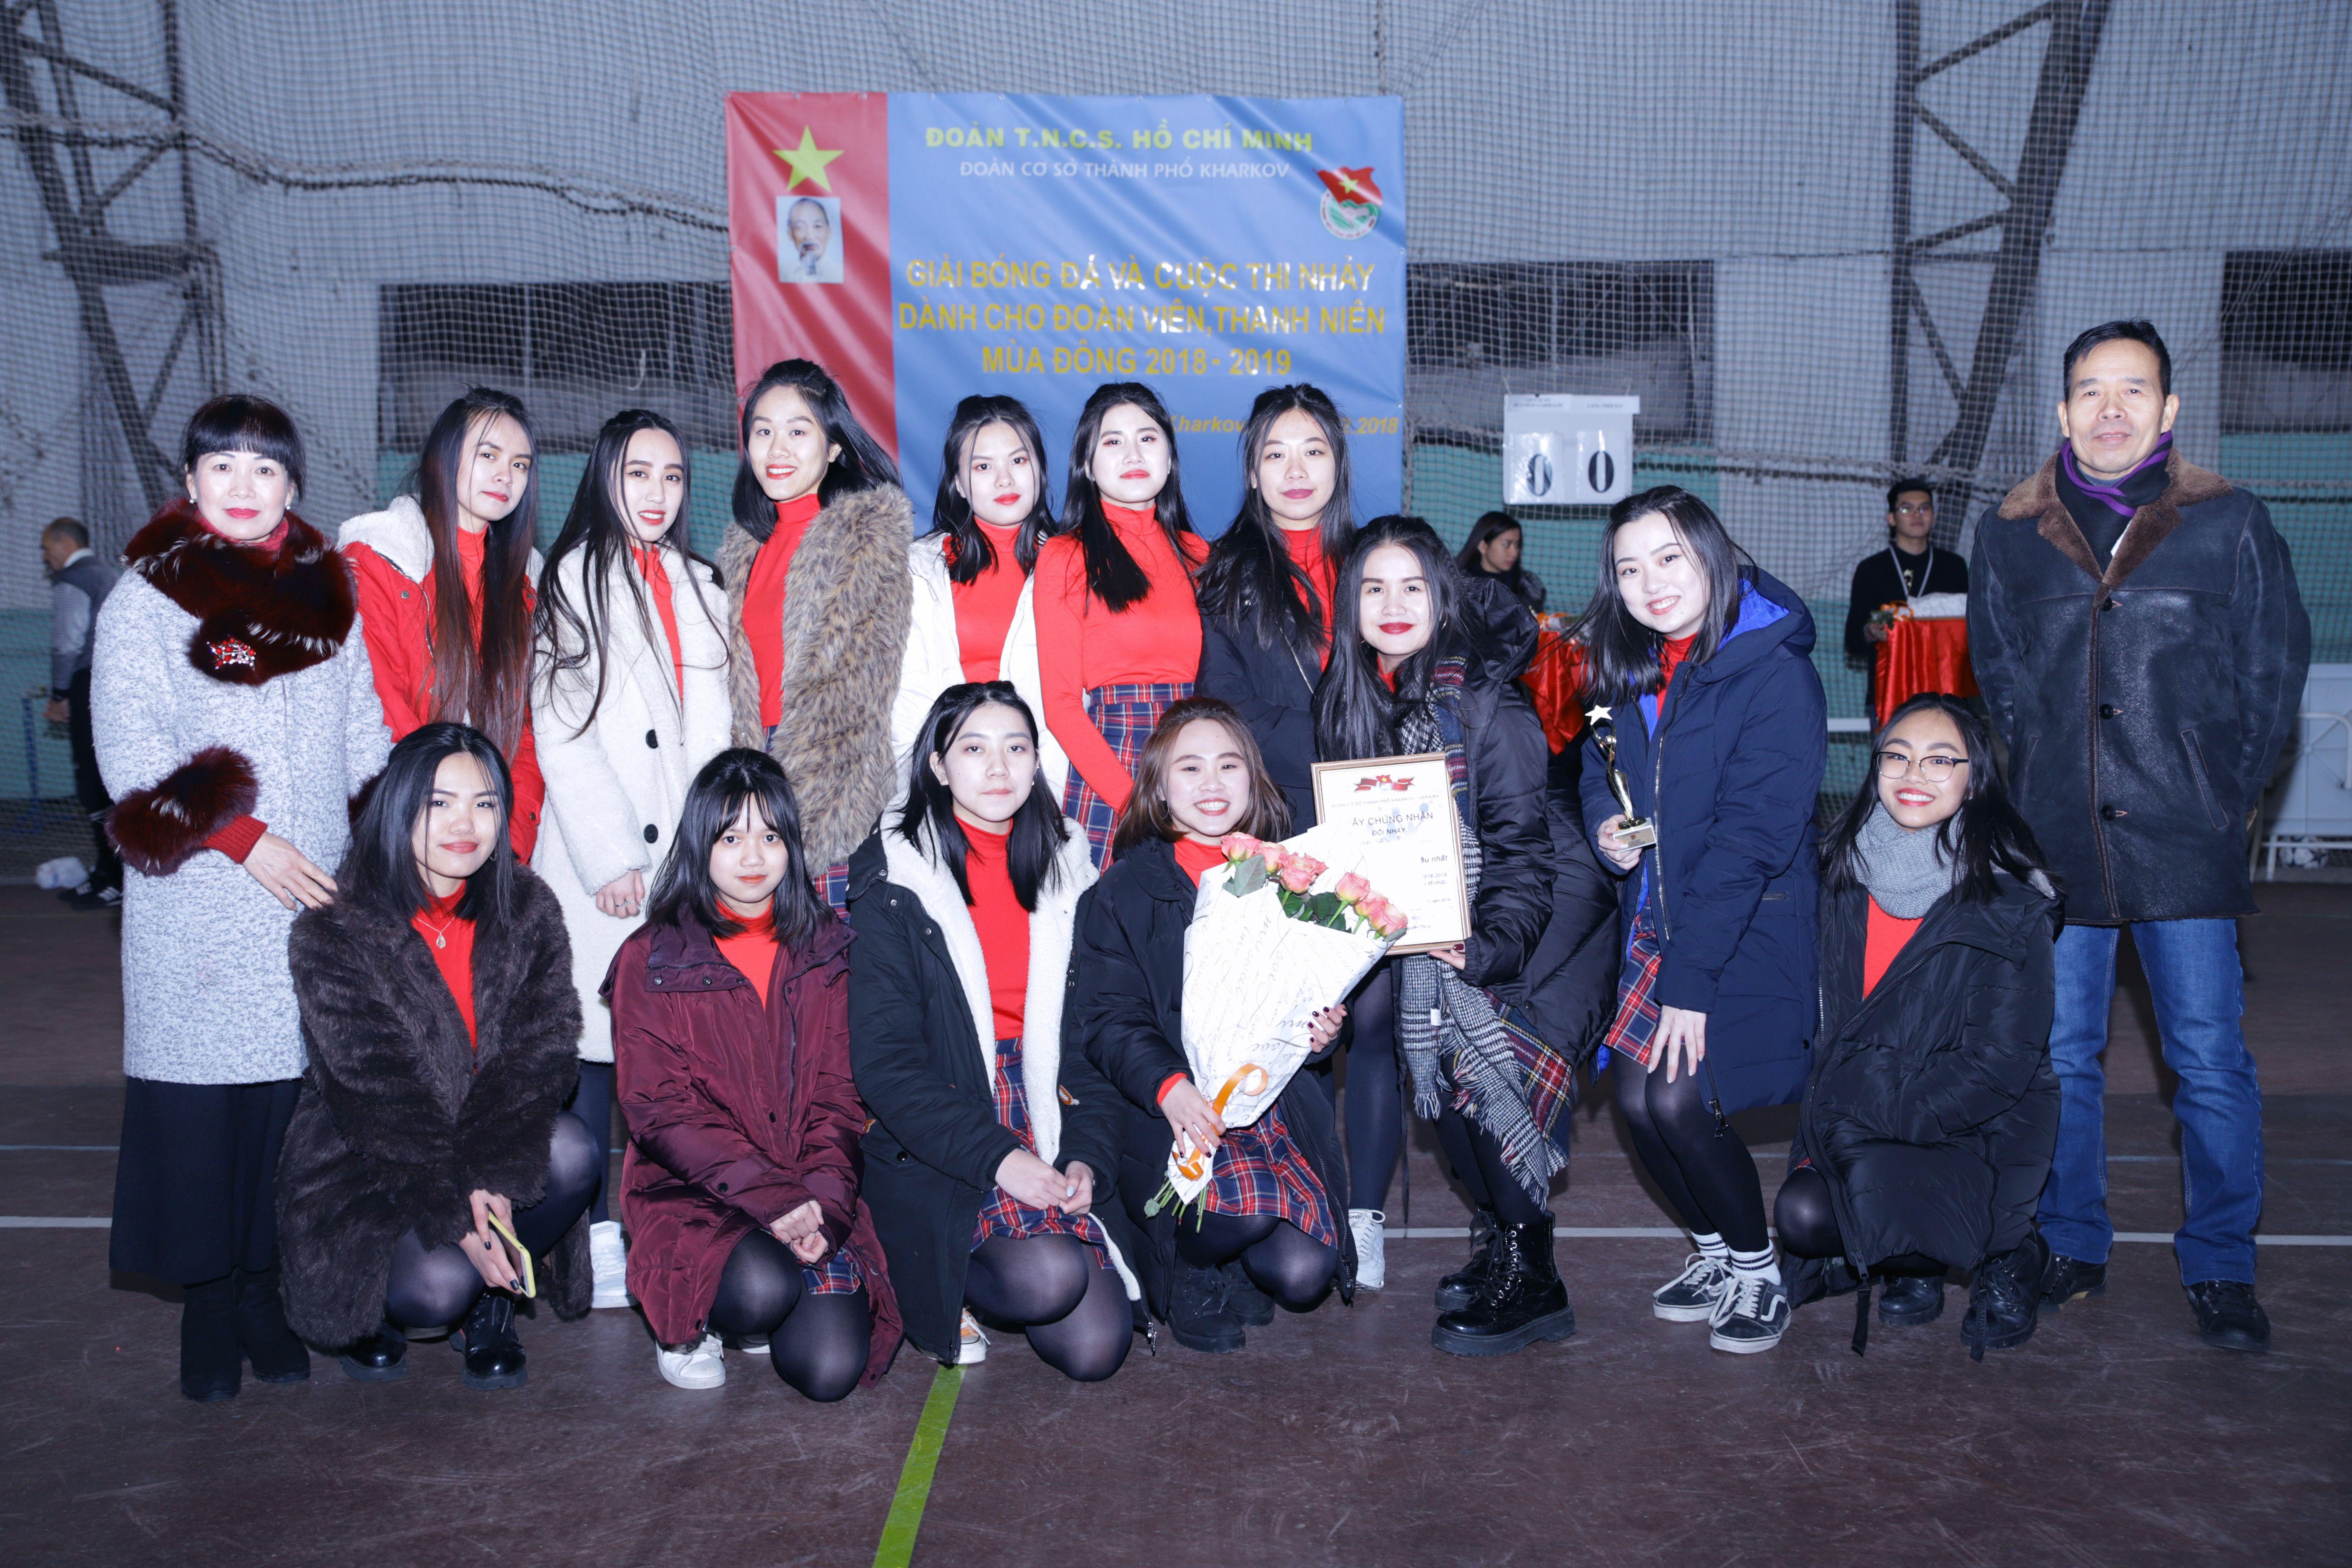 Bế mạc giải bóng đá và cuộc thi nhảy dành cho đoàn viên-thanh niên Việt Nam thành phố Kharkov - Ucraina mùa đông 2018-2019